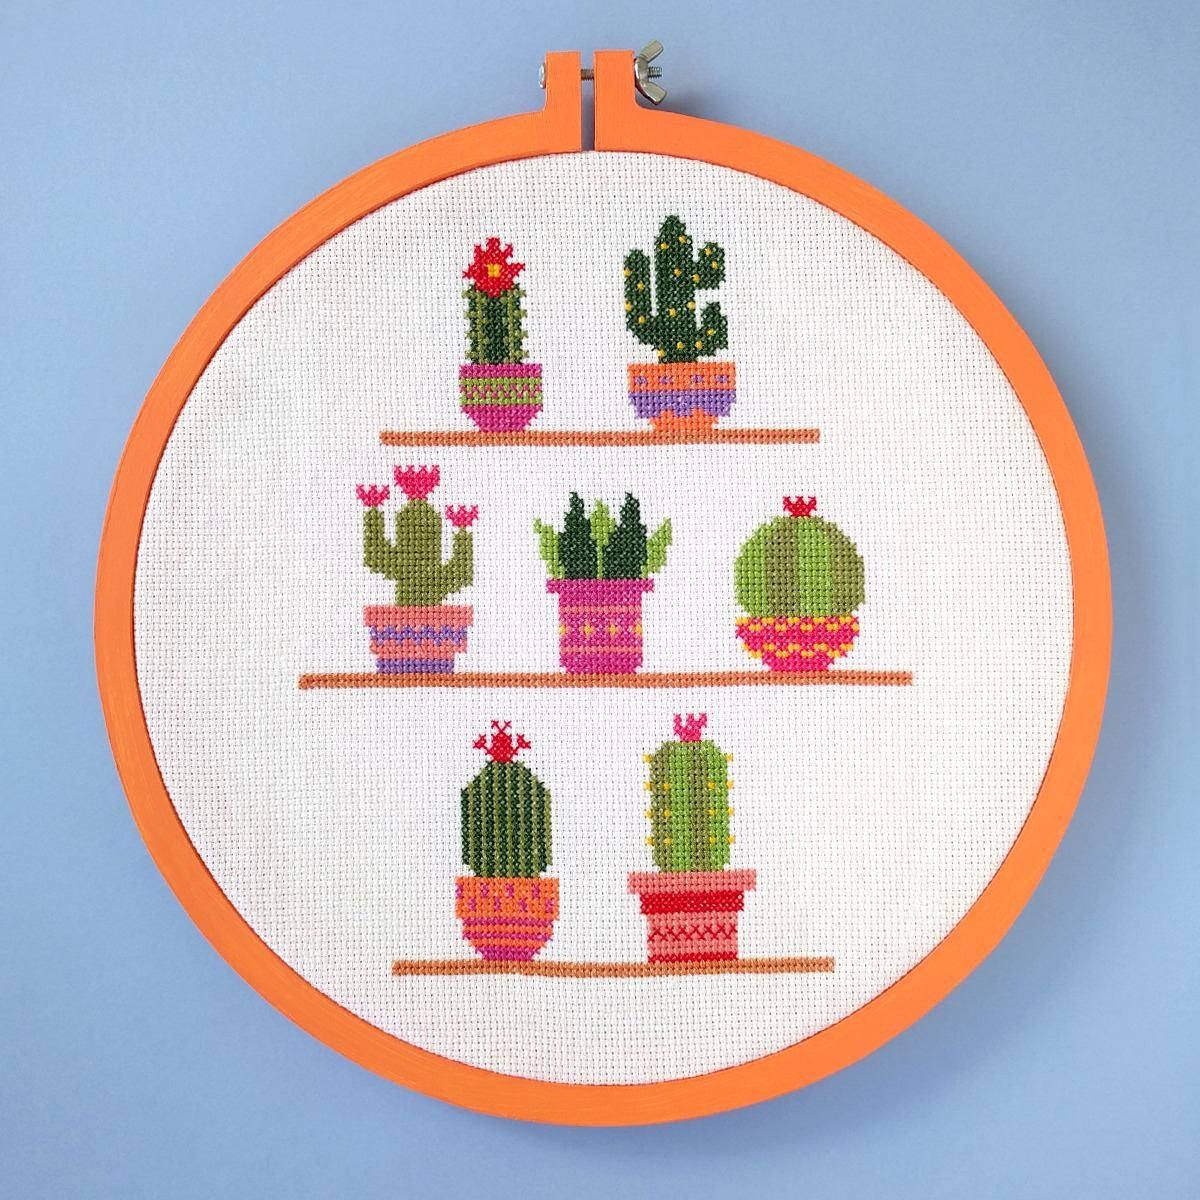 Cactus - Patrón De Punto Cruz En Pdf - Hylos - $ 200,00 en Mercado Libre